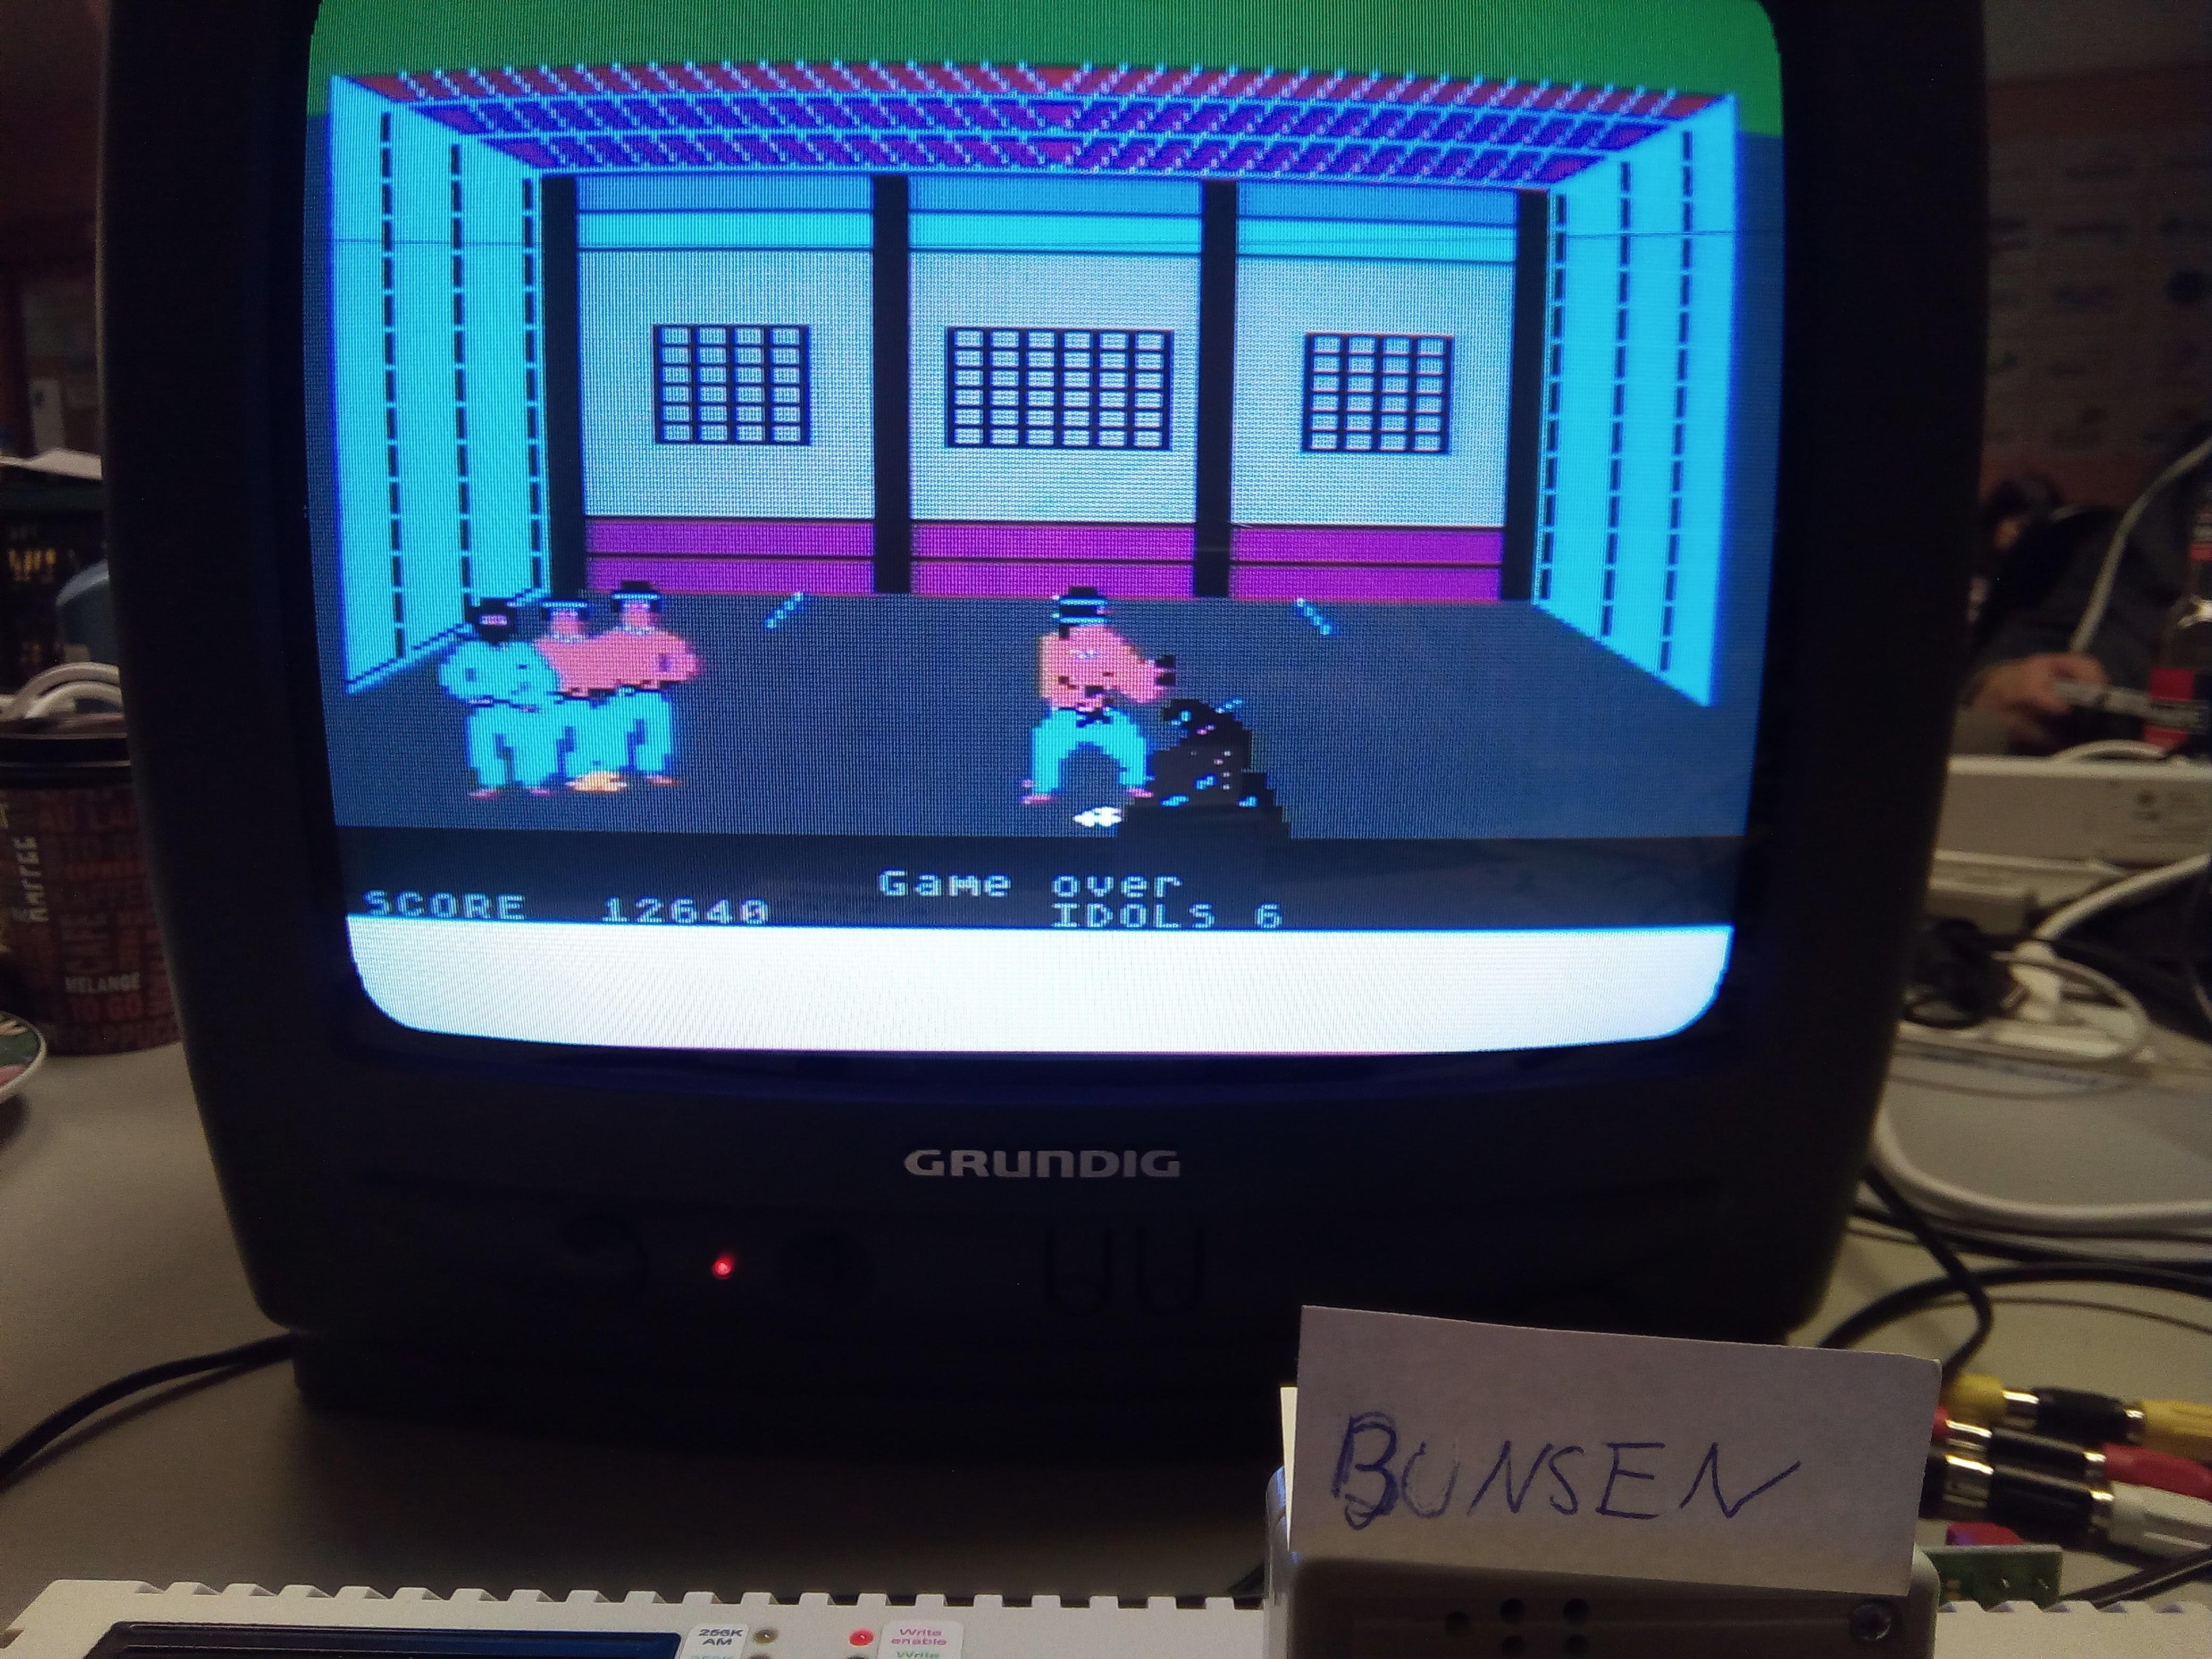 Bunsen: Ninja (Atari 400/800/XL/XE) 12,640 points on 2017-11-14 13:18:32